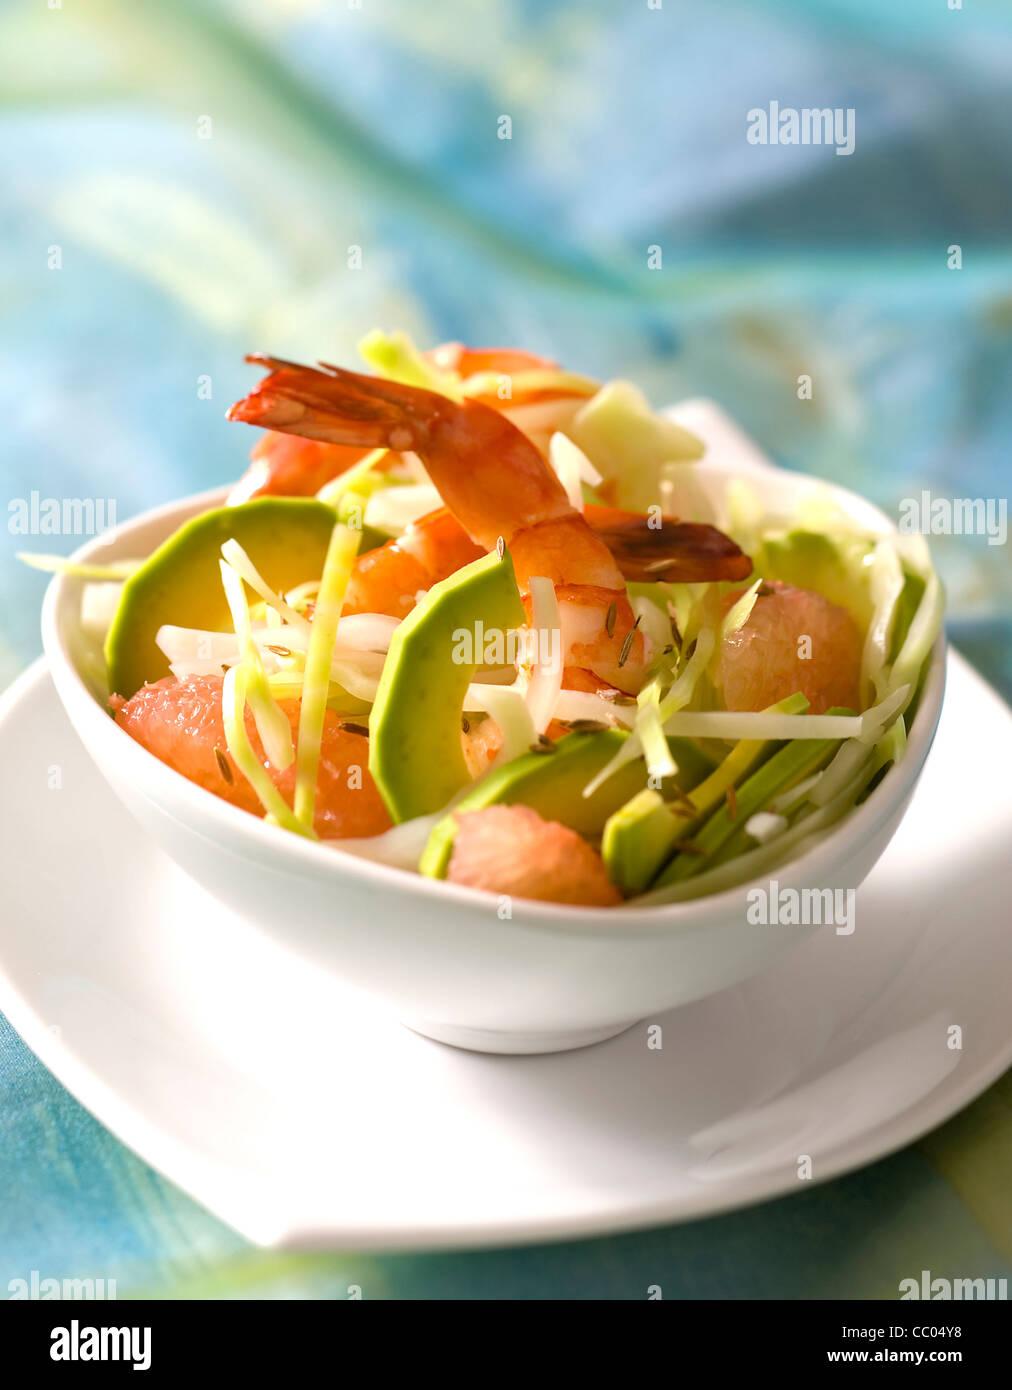 Avocado, Grapefruit and Gambas Salad - Stock Image